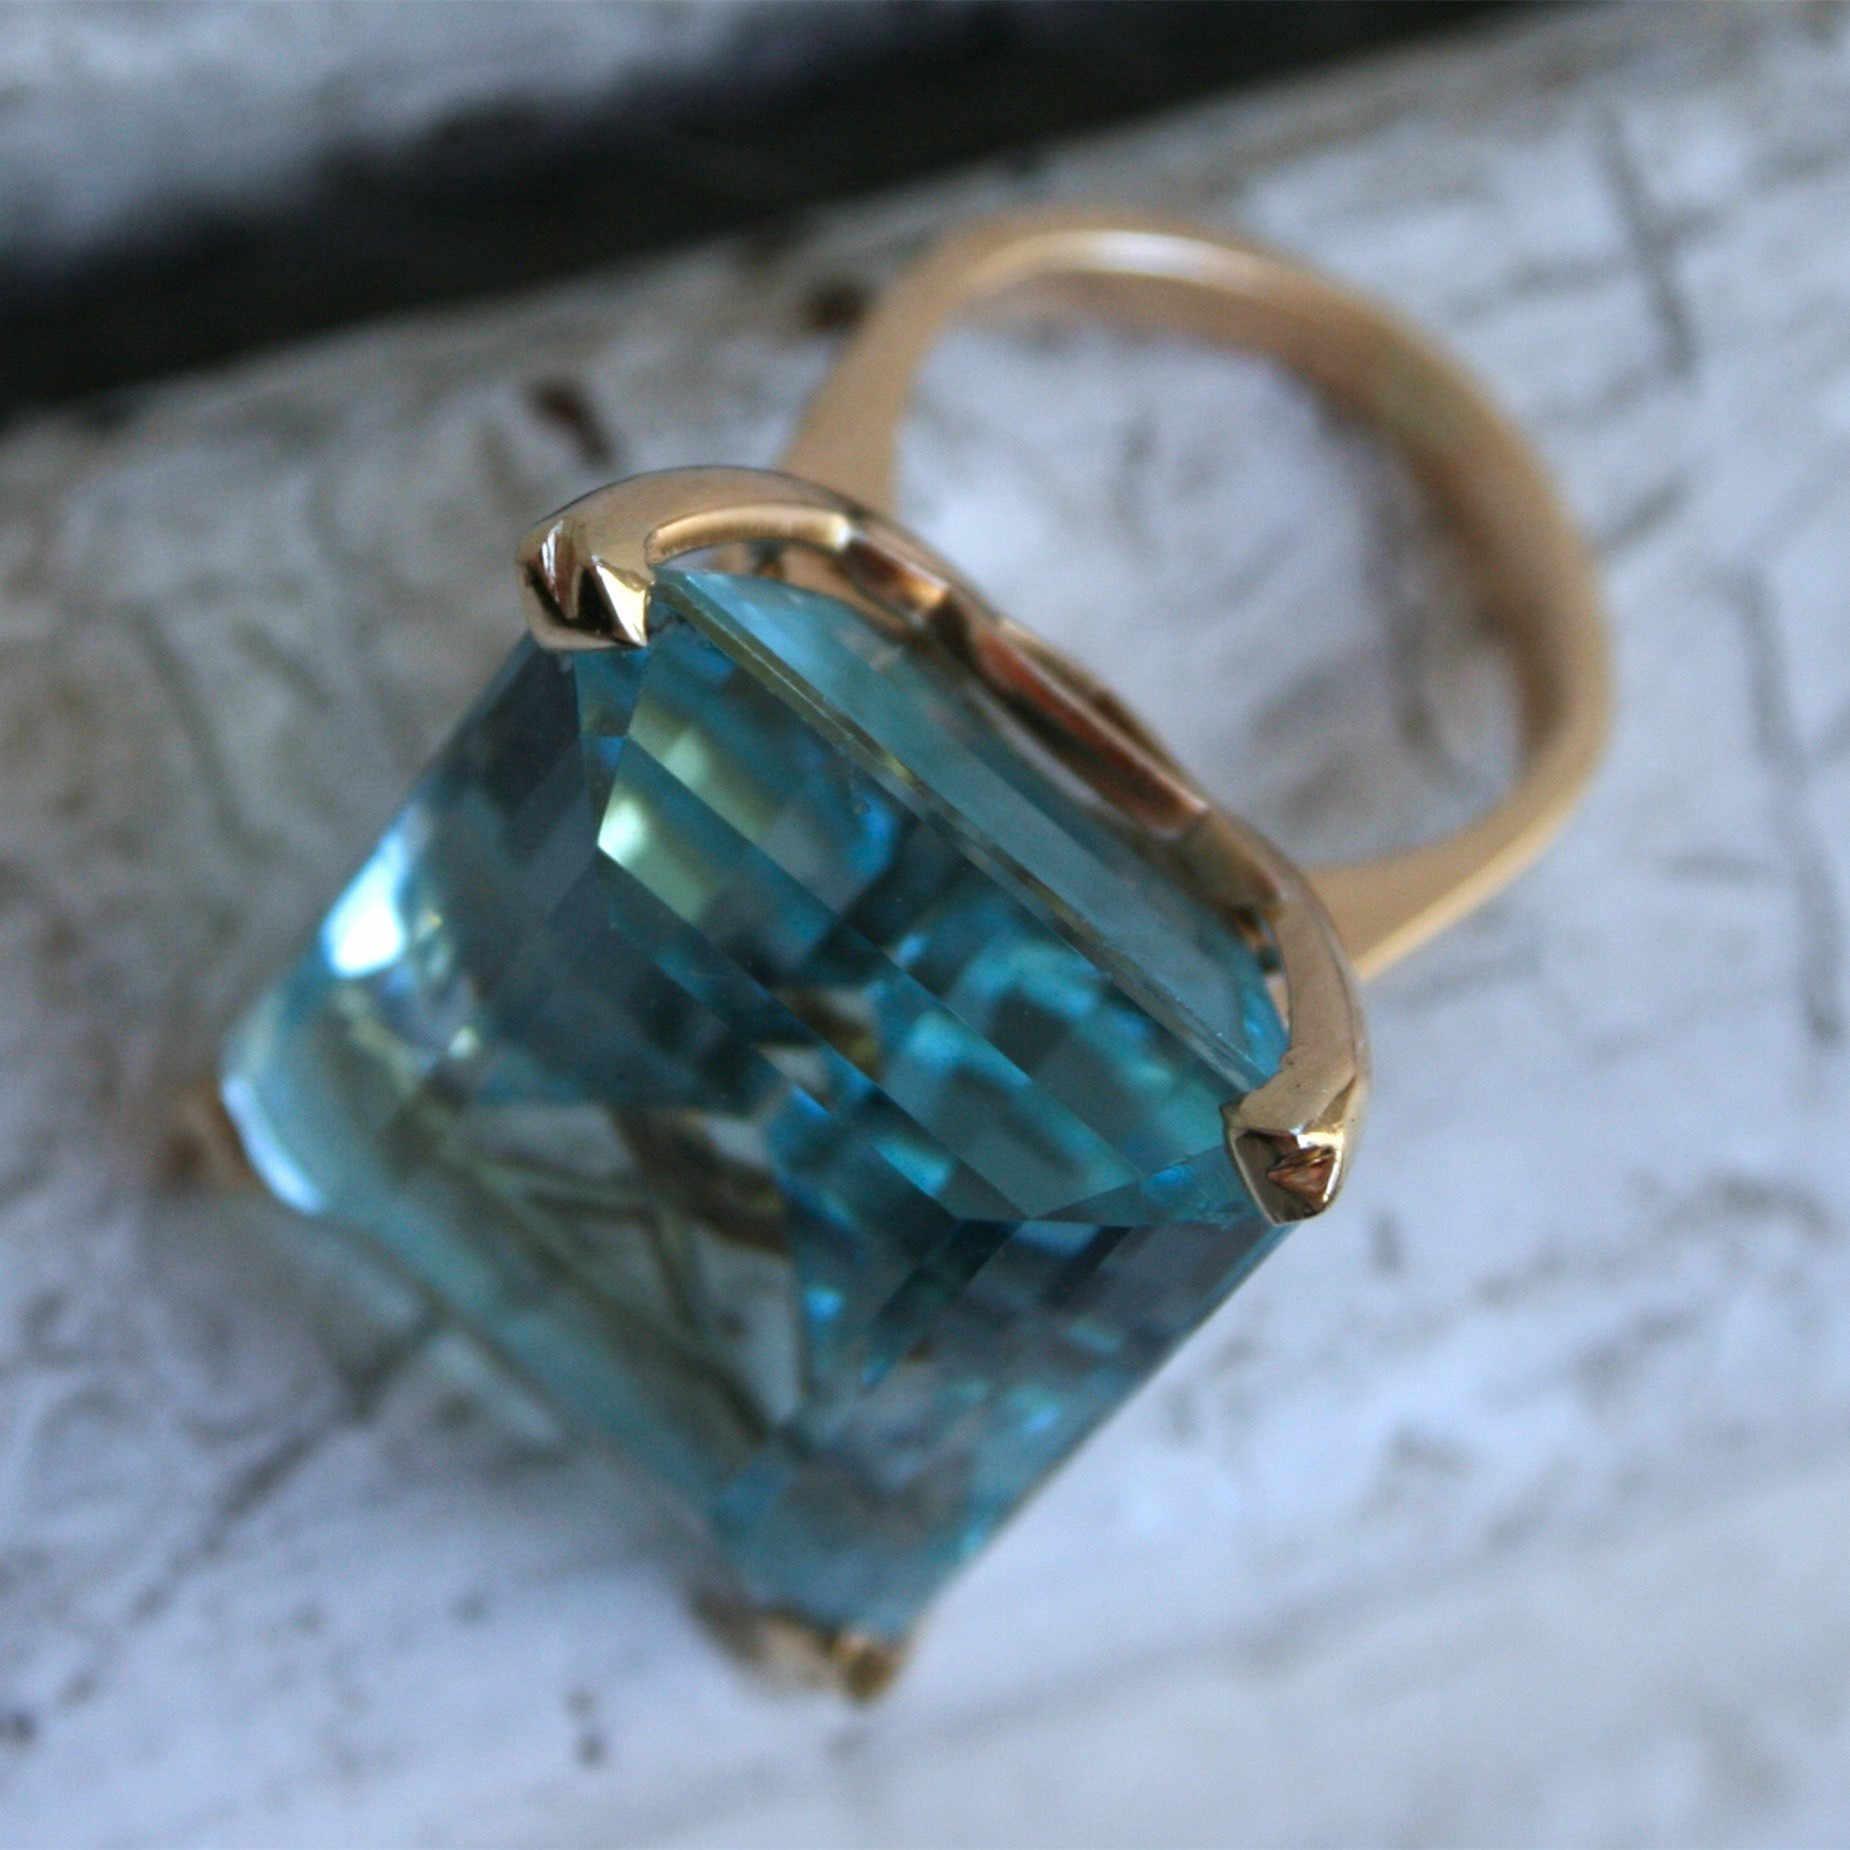 Sea Blue Topaz หินเจ้าหญิงแหวนเพชรหมั้นแหวน 14K Gold Anillos สำหรับผู้หญิง Bizuteria หยกเครื่องประดับเพชร